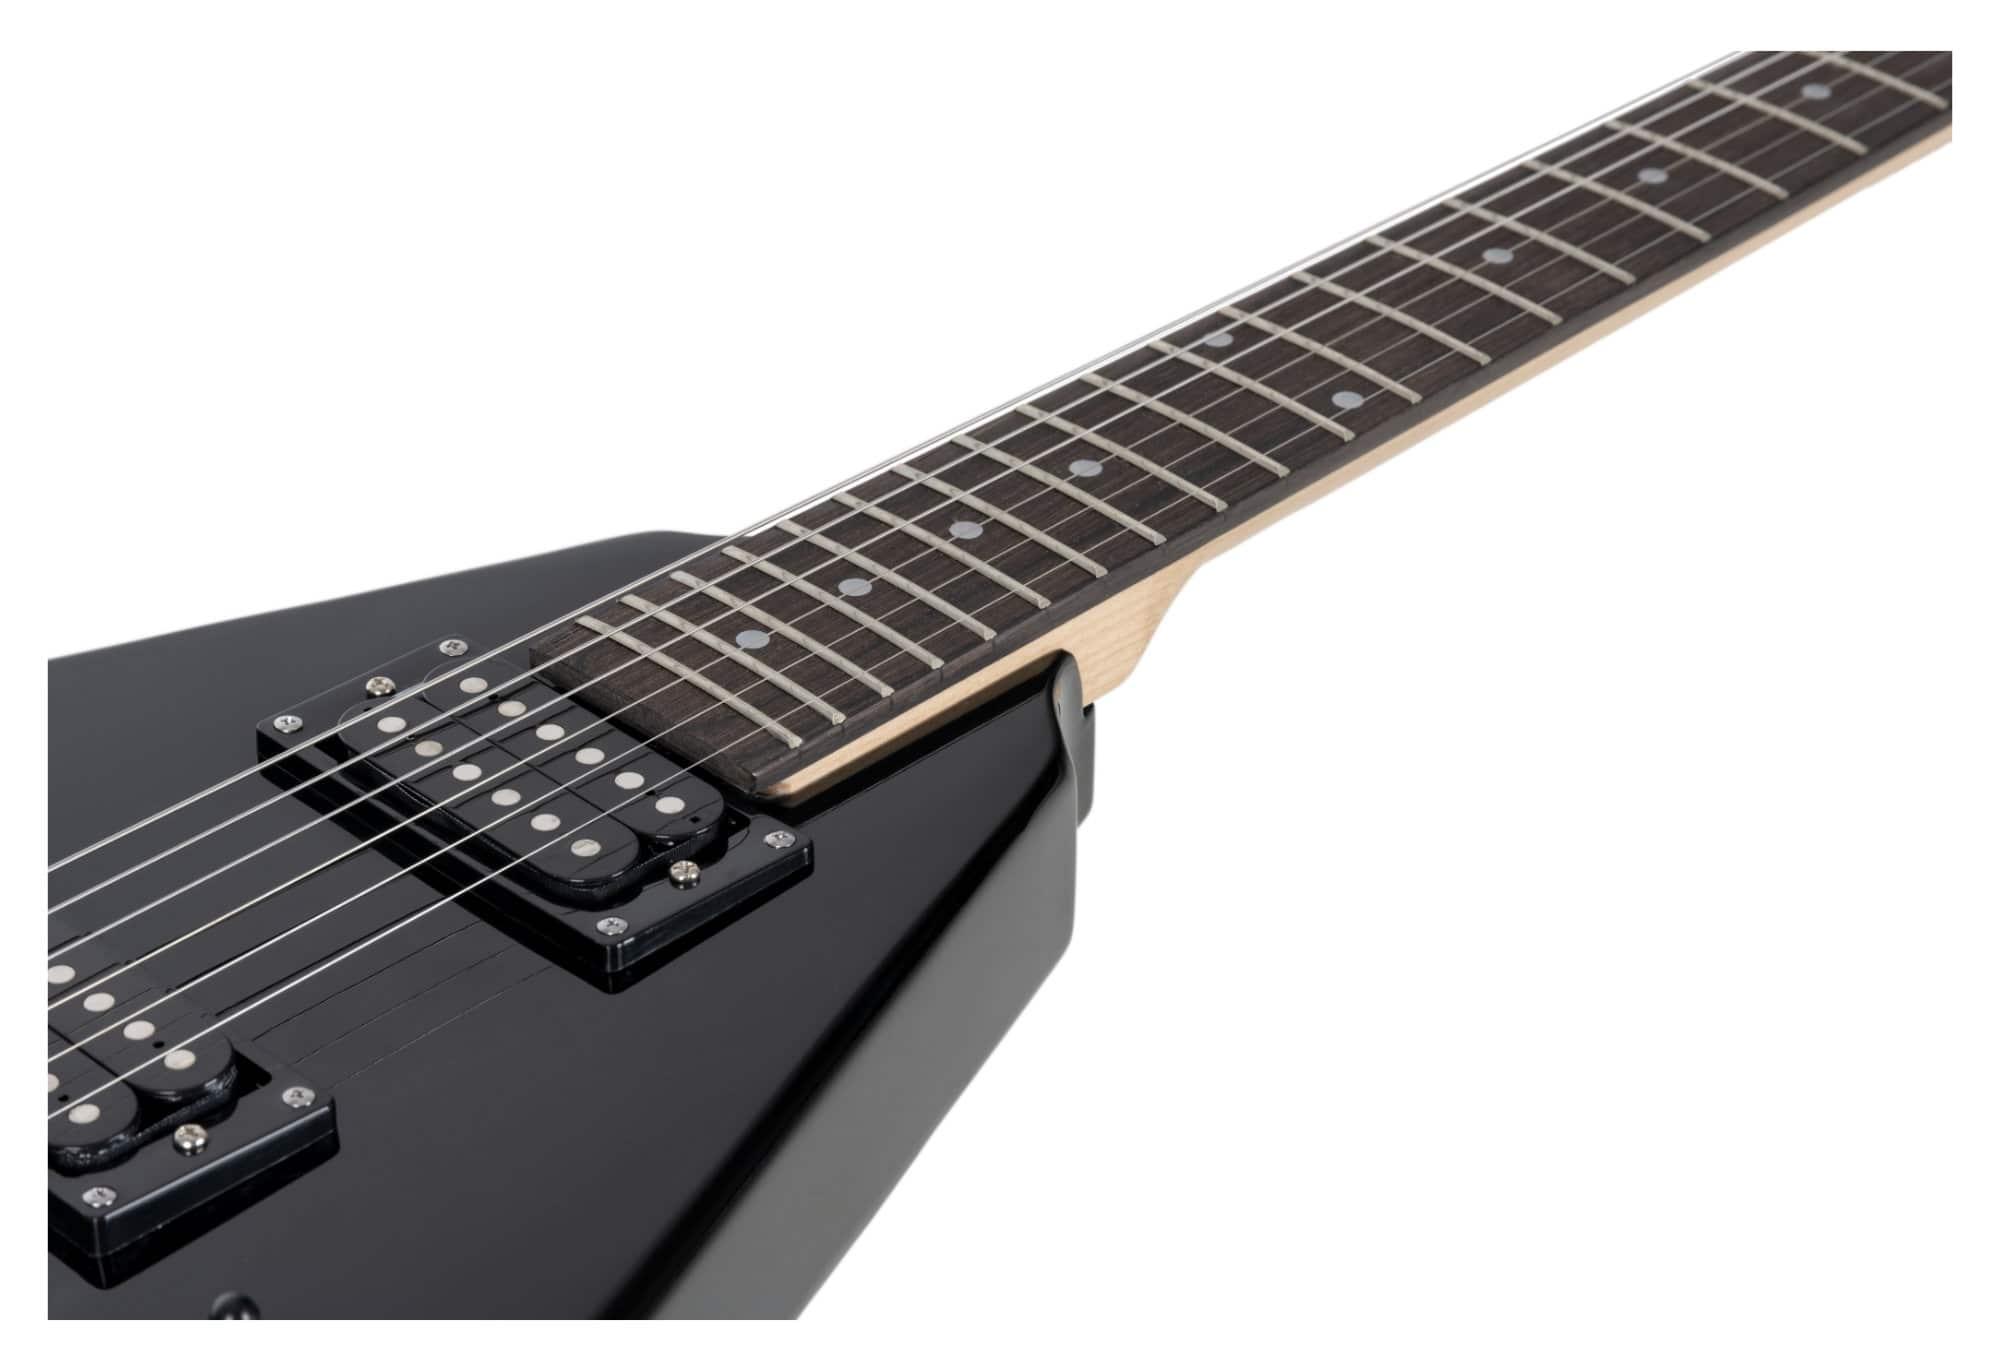 rocktile blade mg 3013 electric guitar kirstein music shop. Black Bedroom Furniture Sets. Home Design Ideas